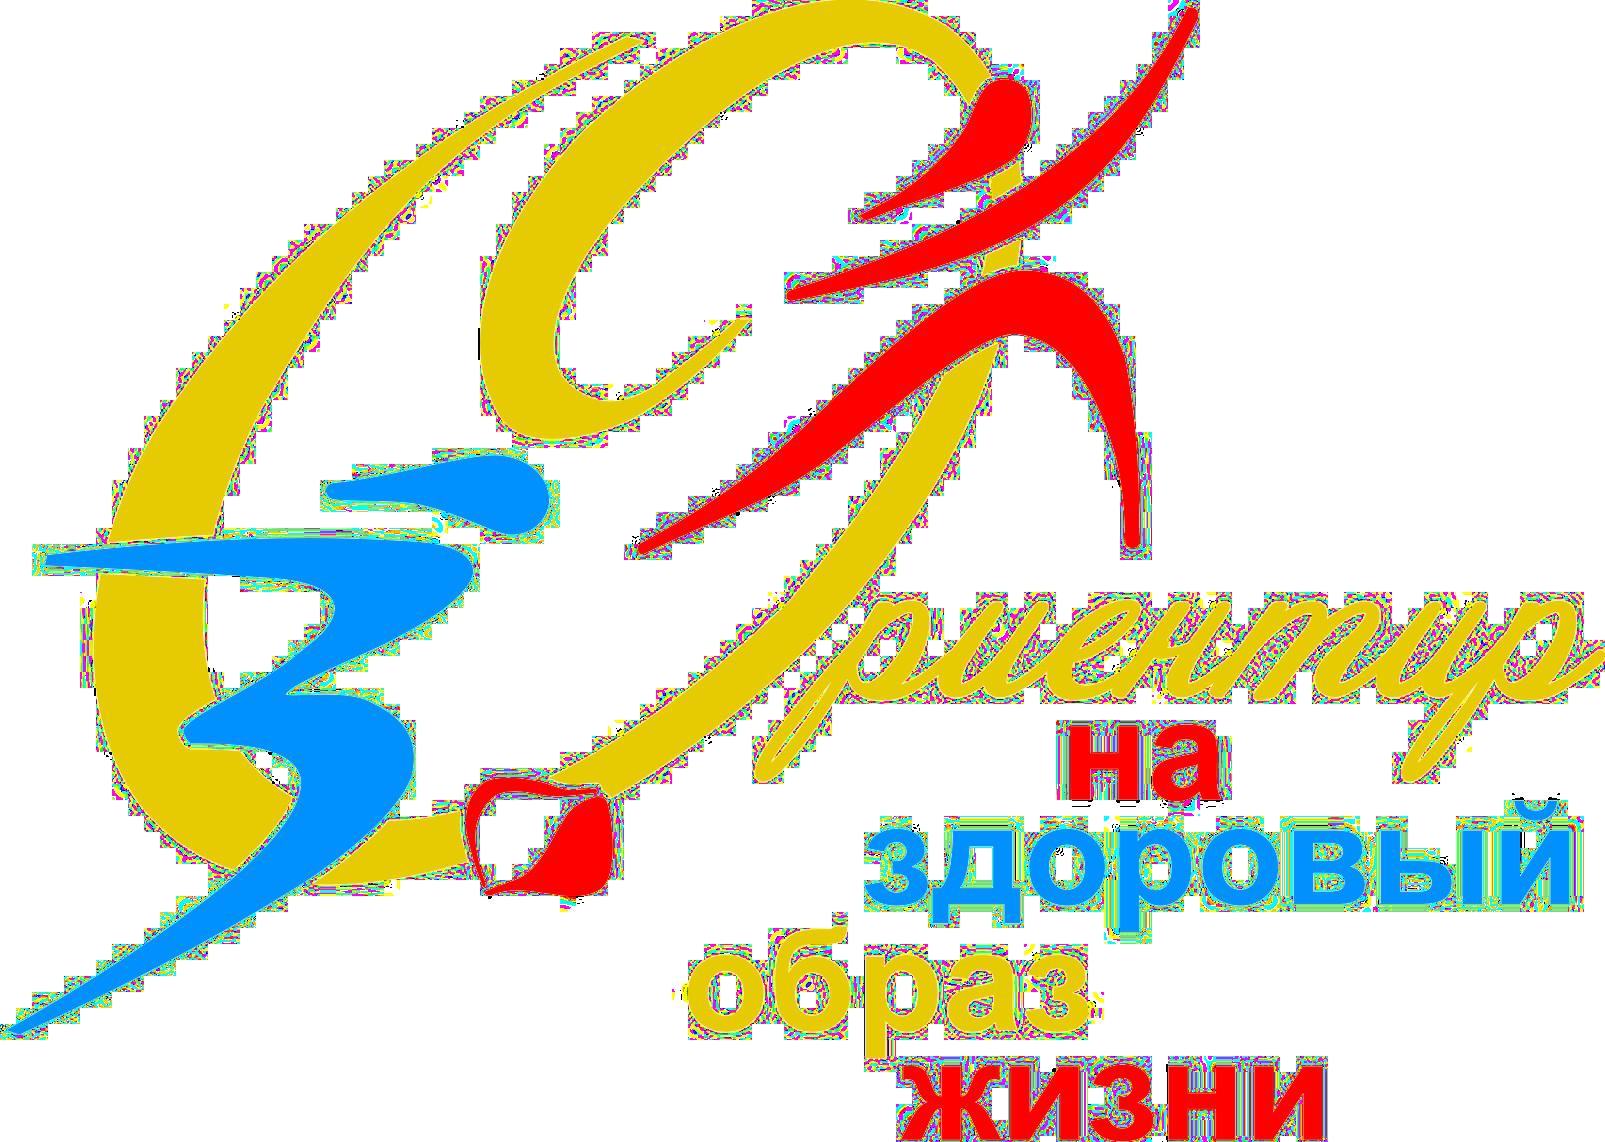 Открытая группа в рамках ЧиП Волгоградской области (ФПГ)